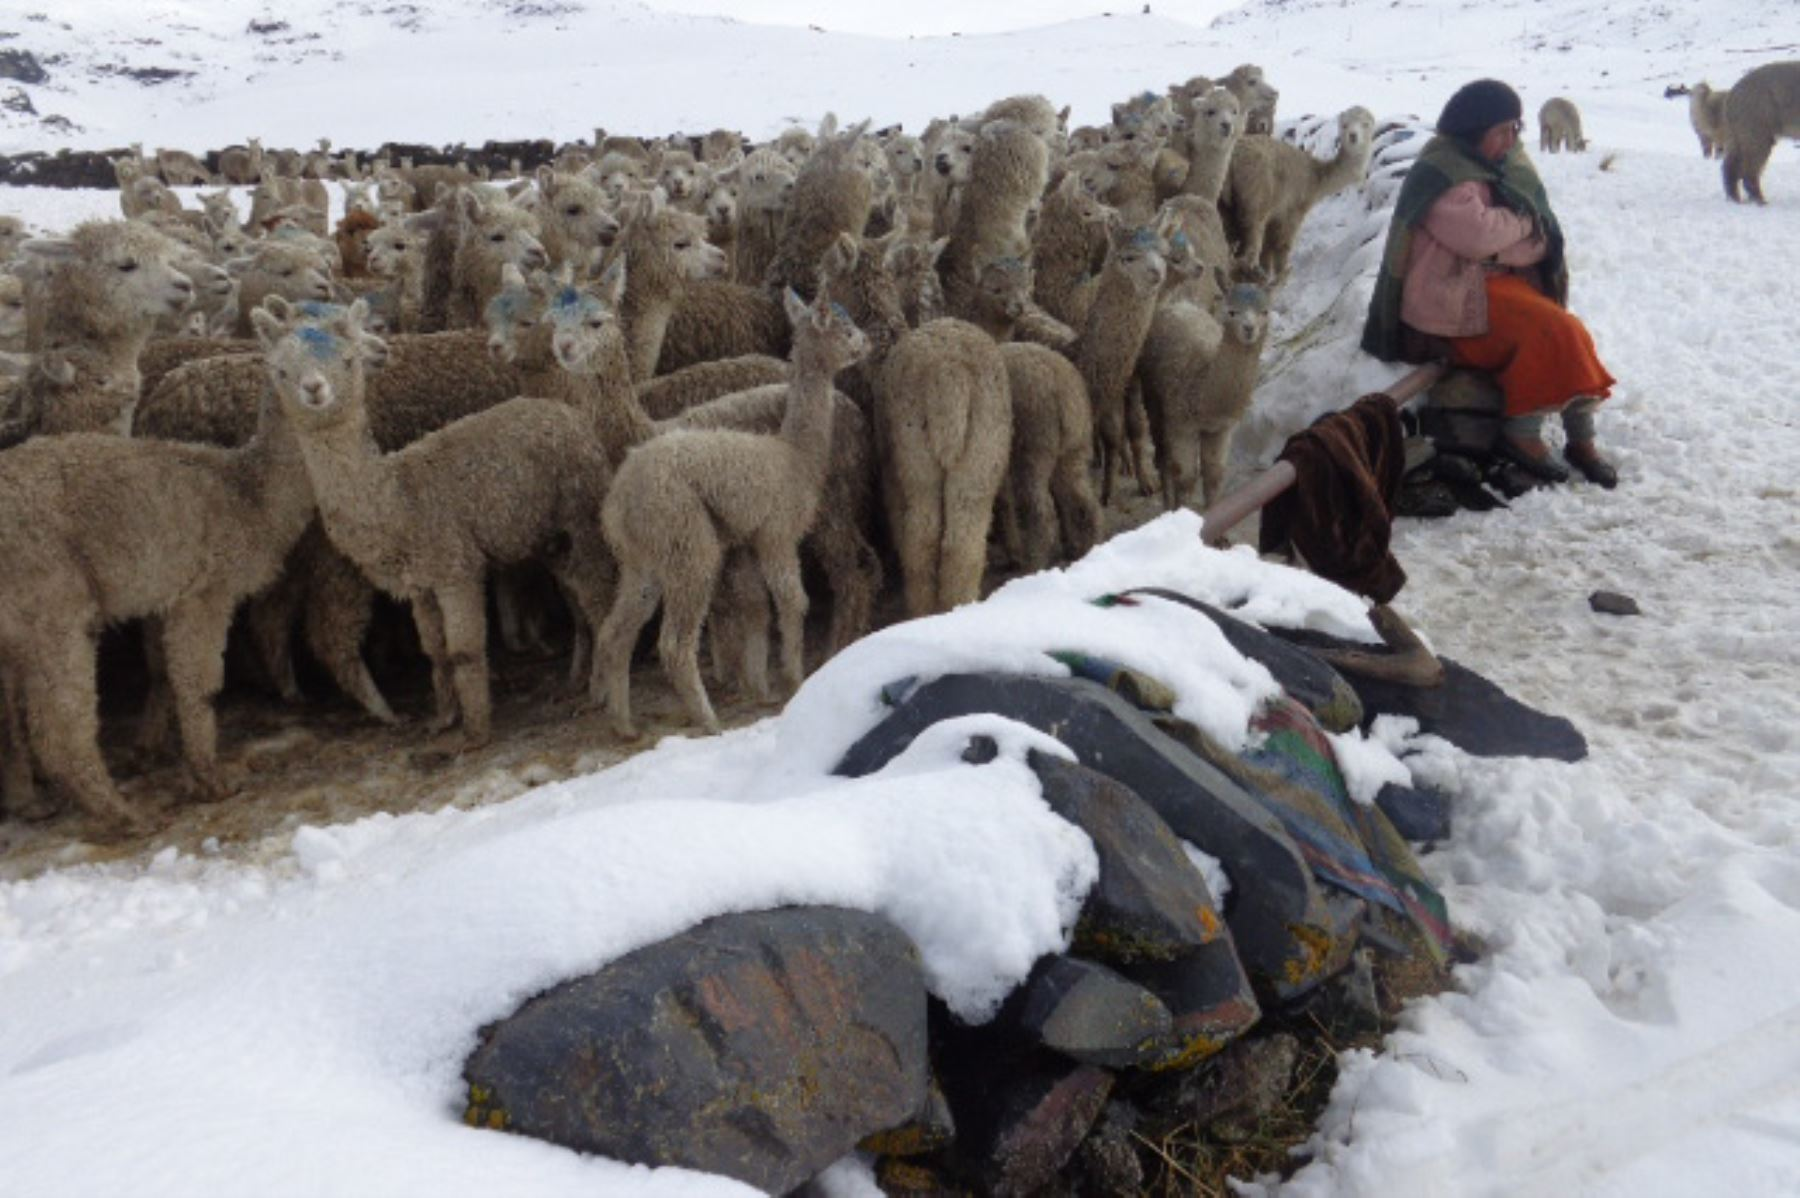 El número de animales perdidos se elevó a 4,799 en 11 regiones.Foto: ANDINA/Difusión.